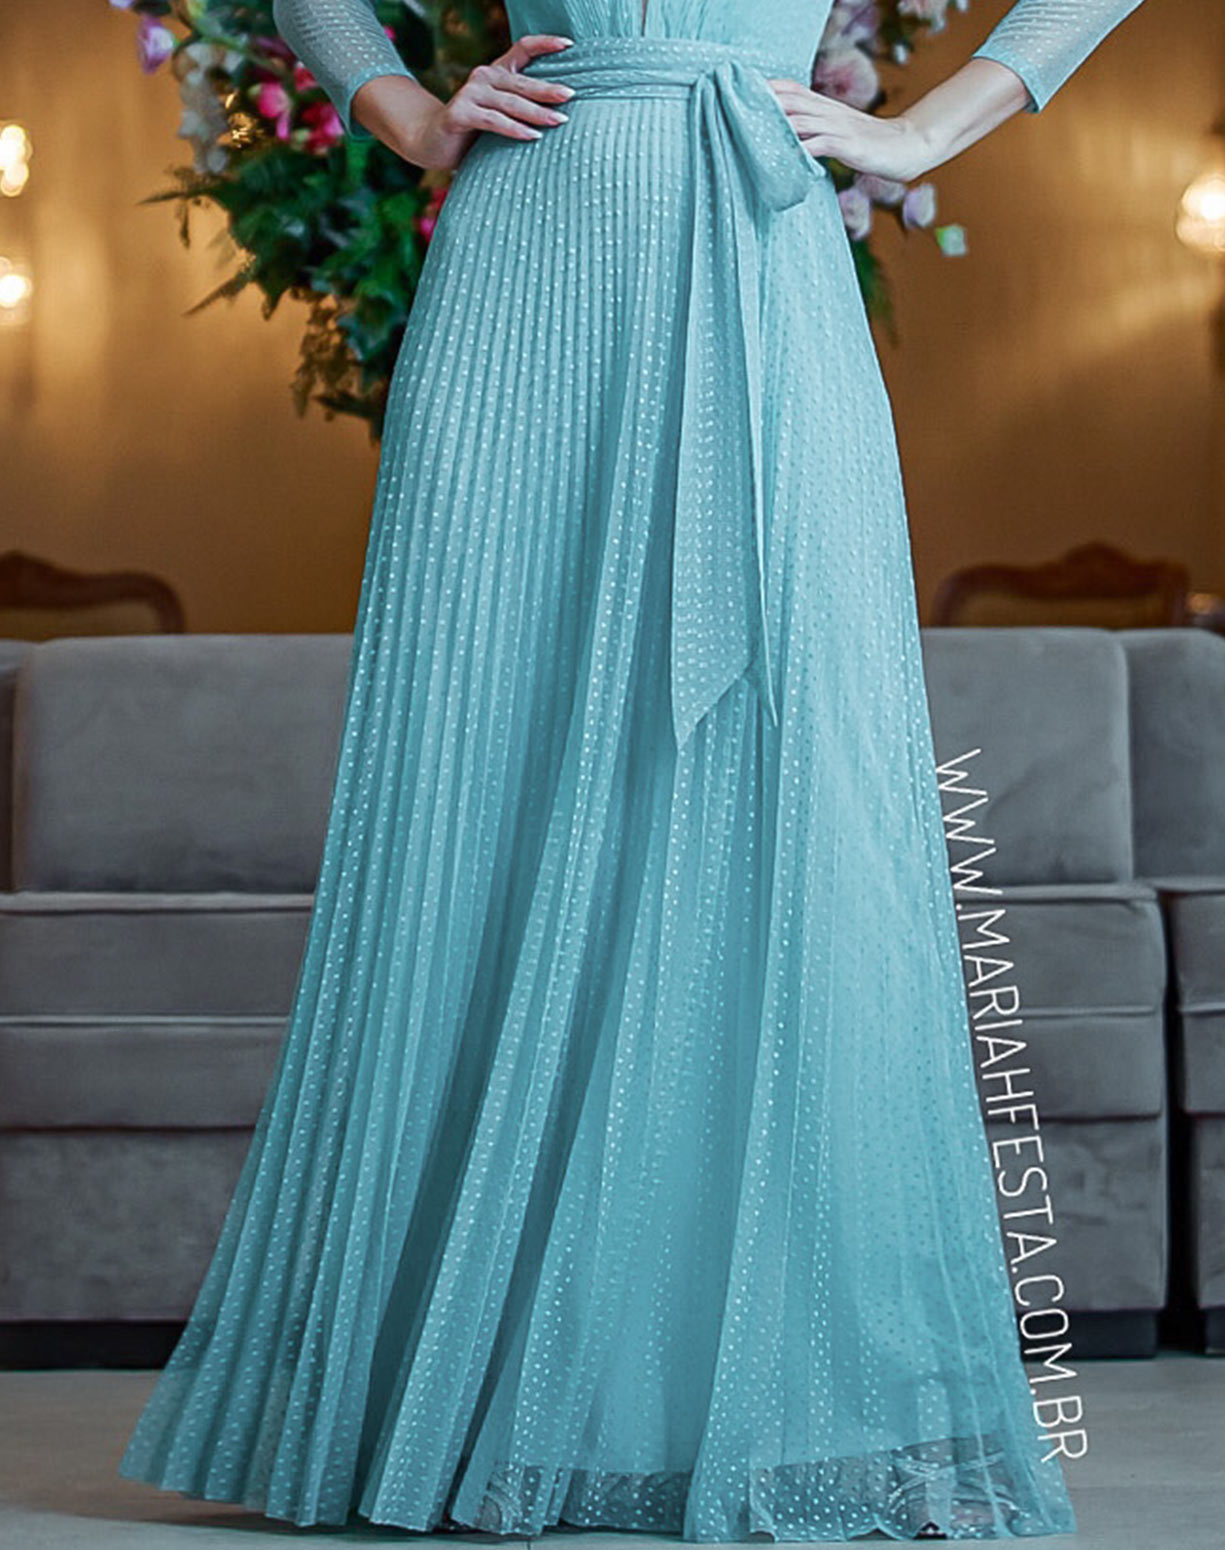 Vestido Tiffany em Tule Texturizado